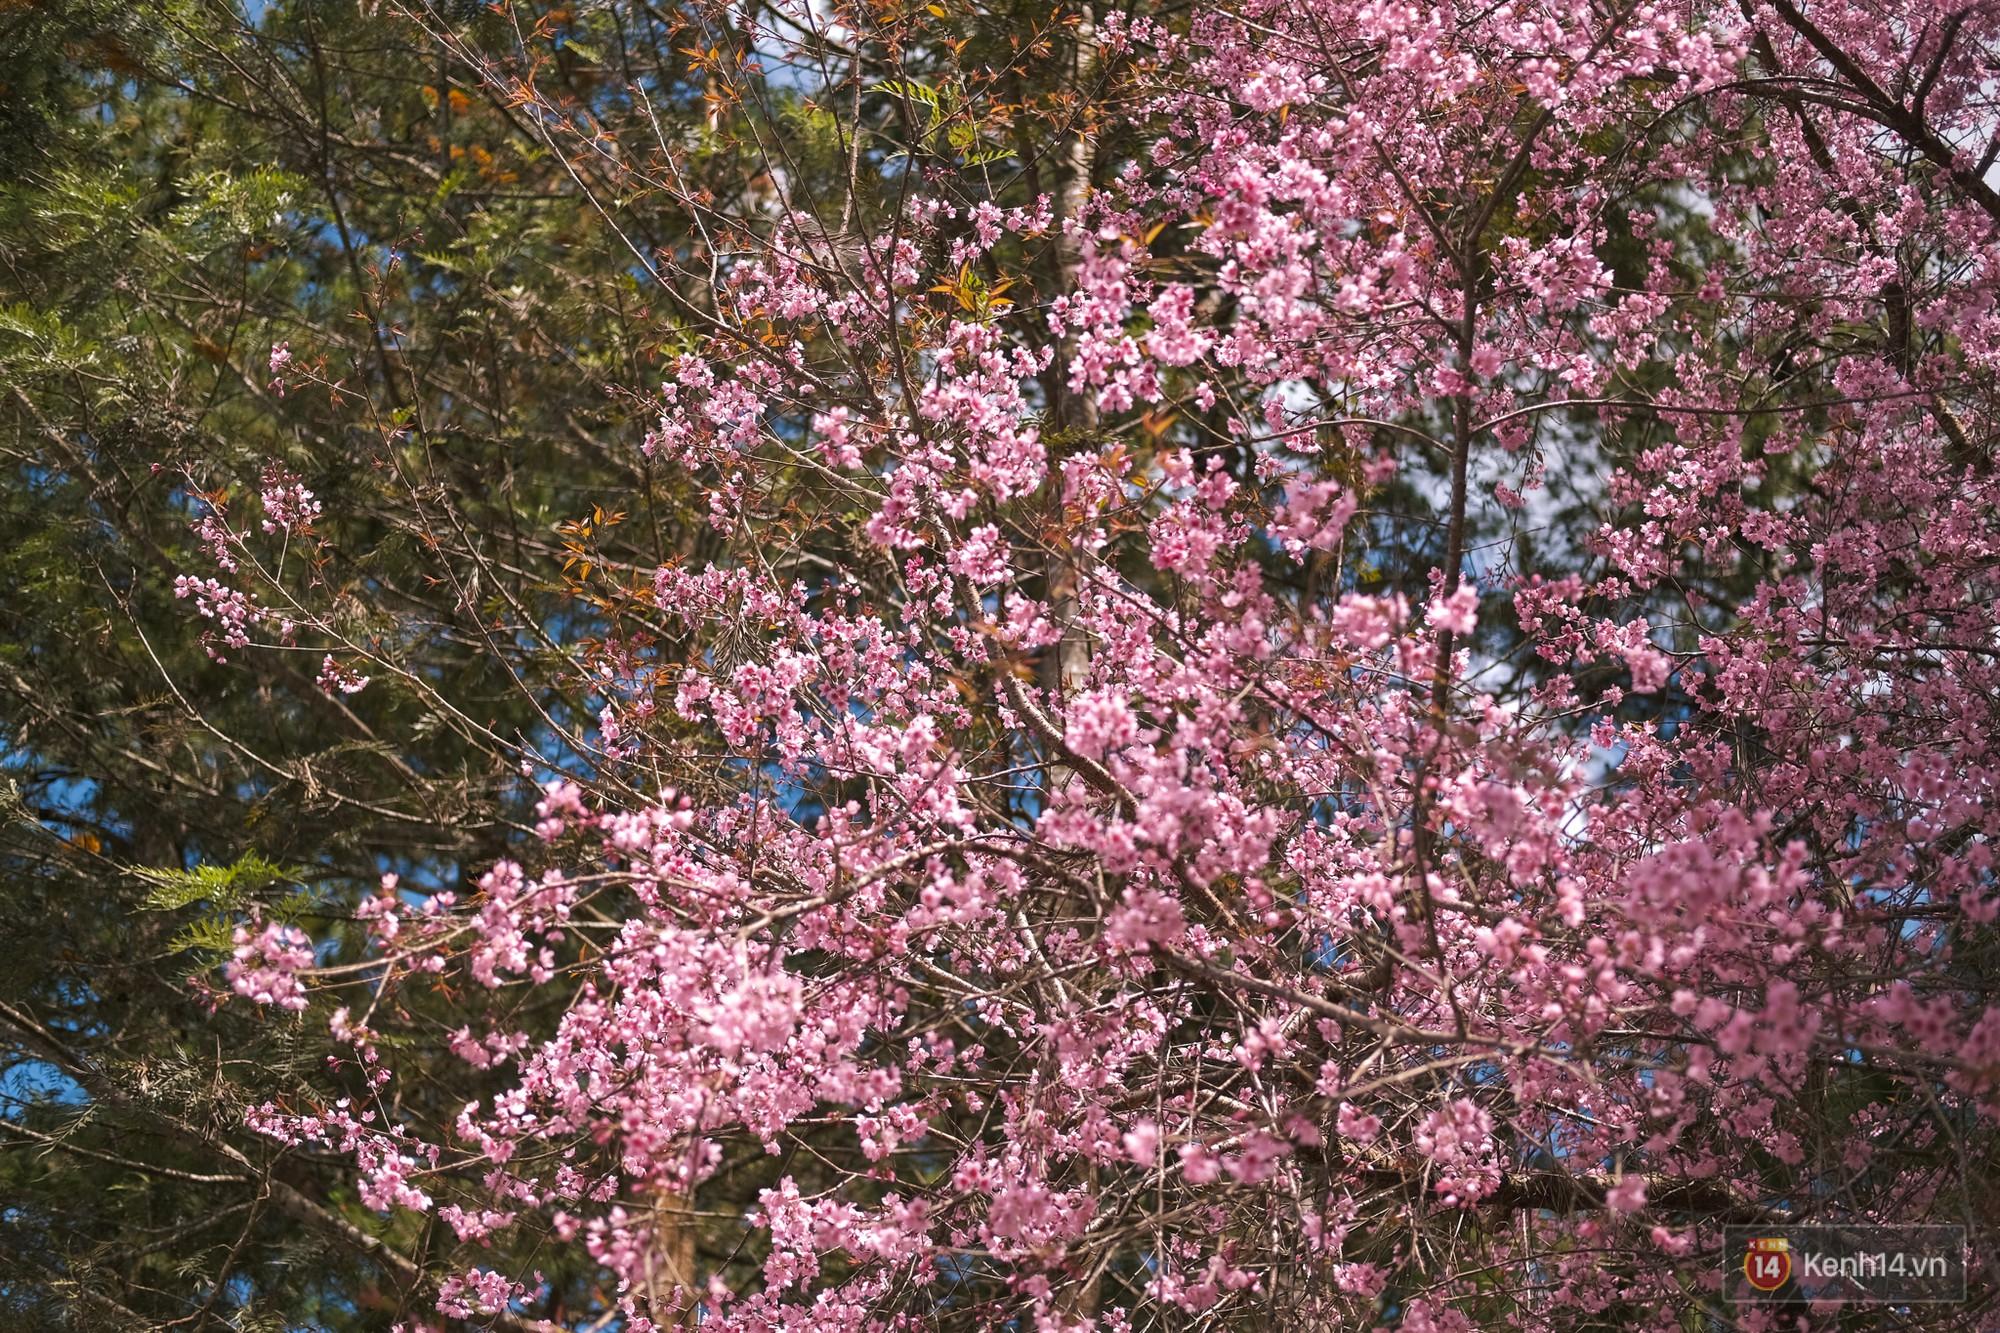 Mai anh đào nở muộn đang nhuộm hồng Đà Lạt - lại có cớ để lên đây ểnh ương ngắm hoa rồi! - Ảnh 3.